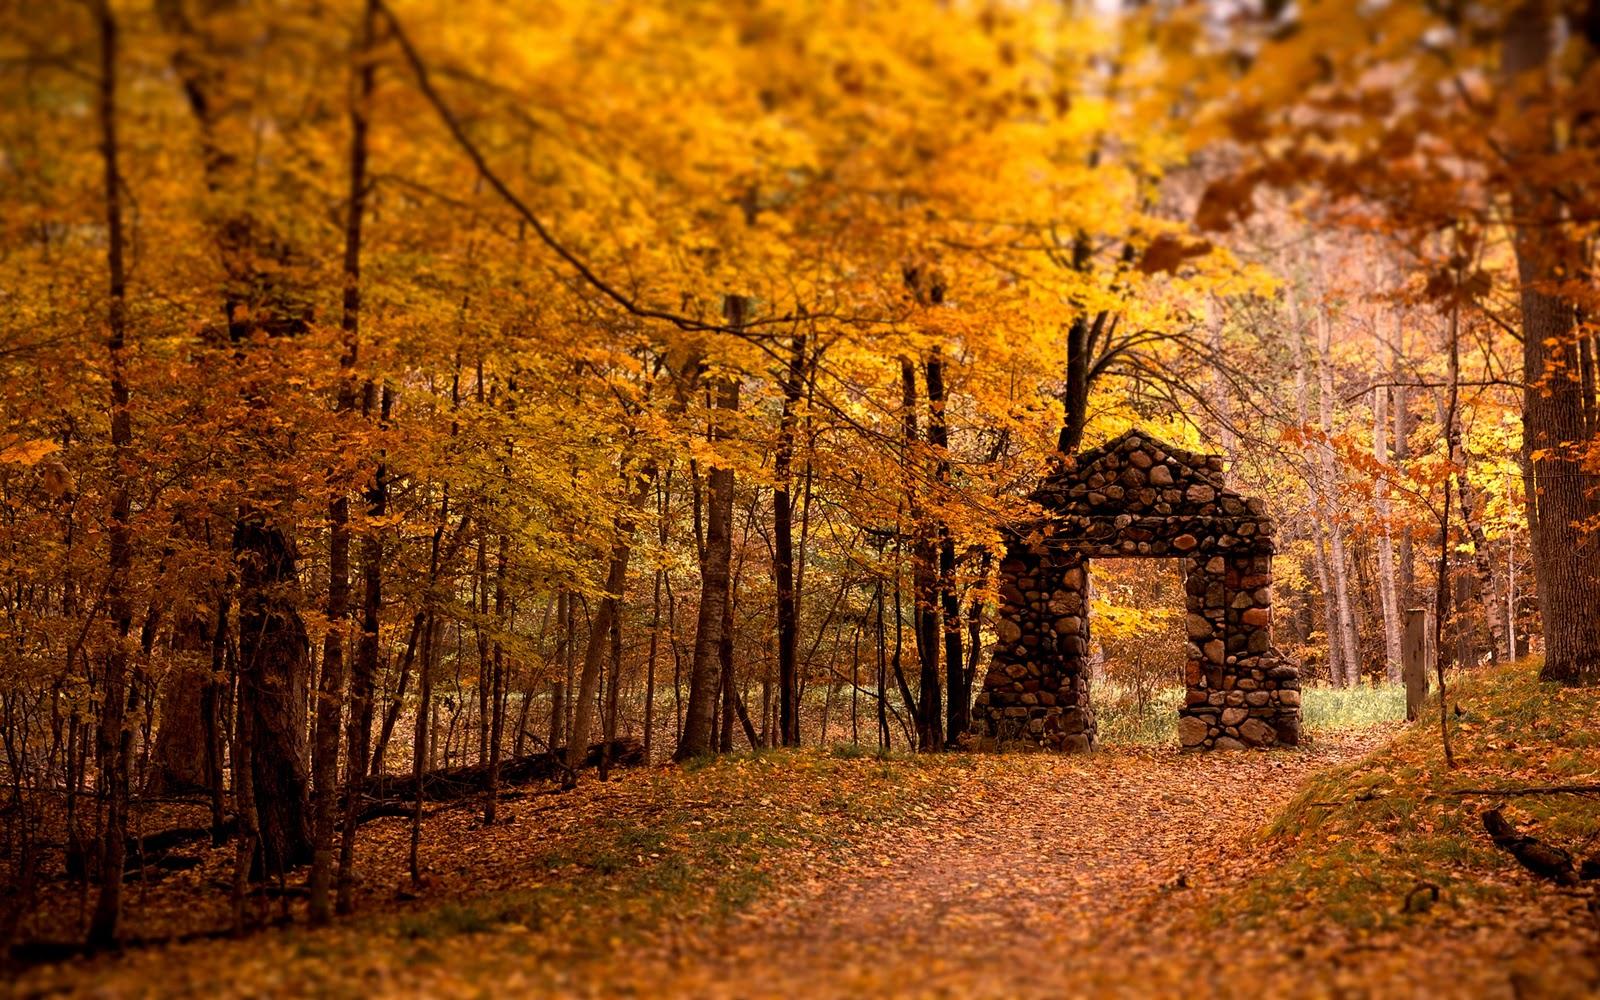 autumn season hd wallpaper autumn season hd wallpaper autumn season 1600x1000